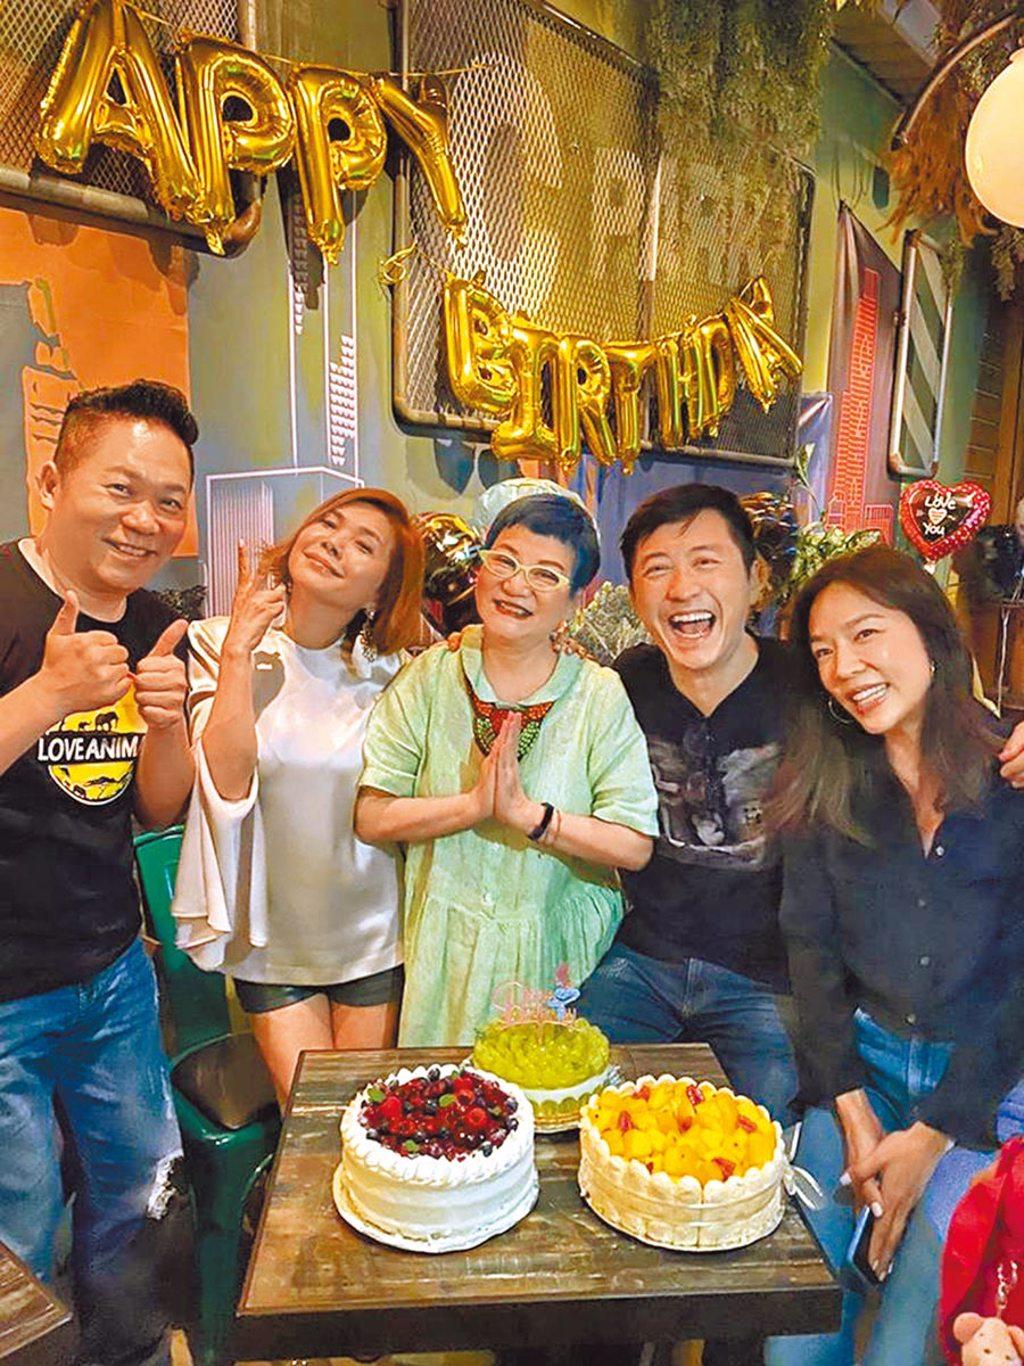 卜學亮(左起)、張清芳、張小燕、庾澄慶、張嘉欣10日晚間齊聚慶生趴。(摘自臉書)